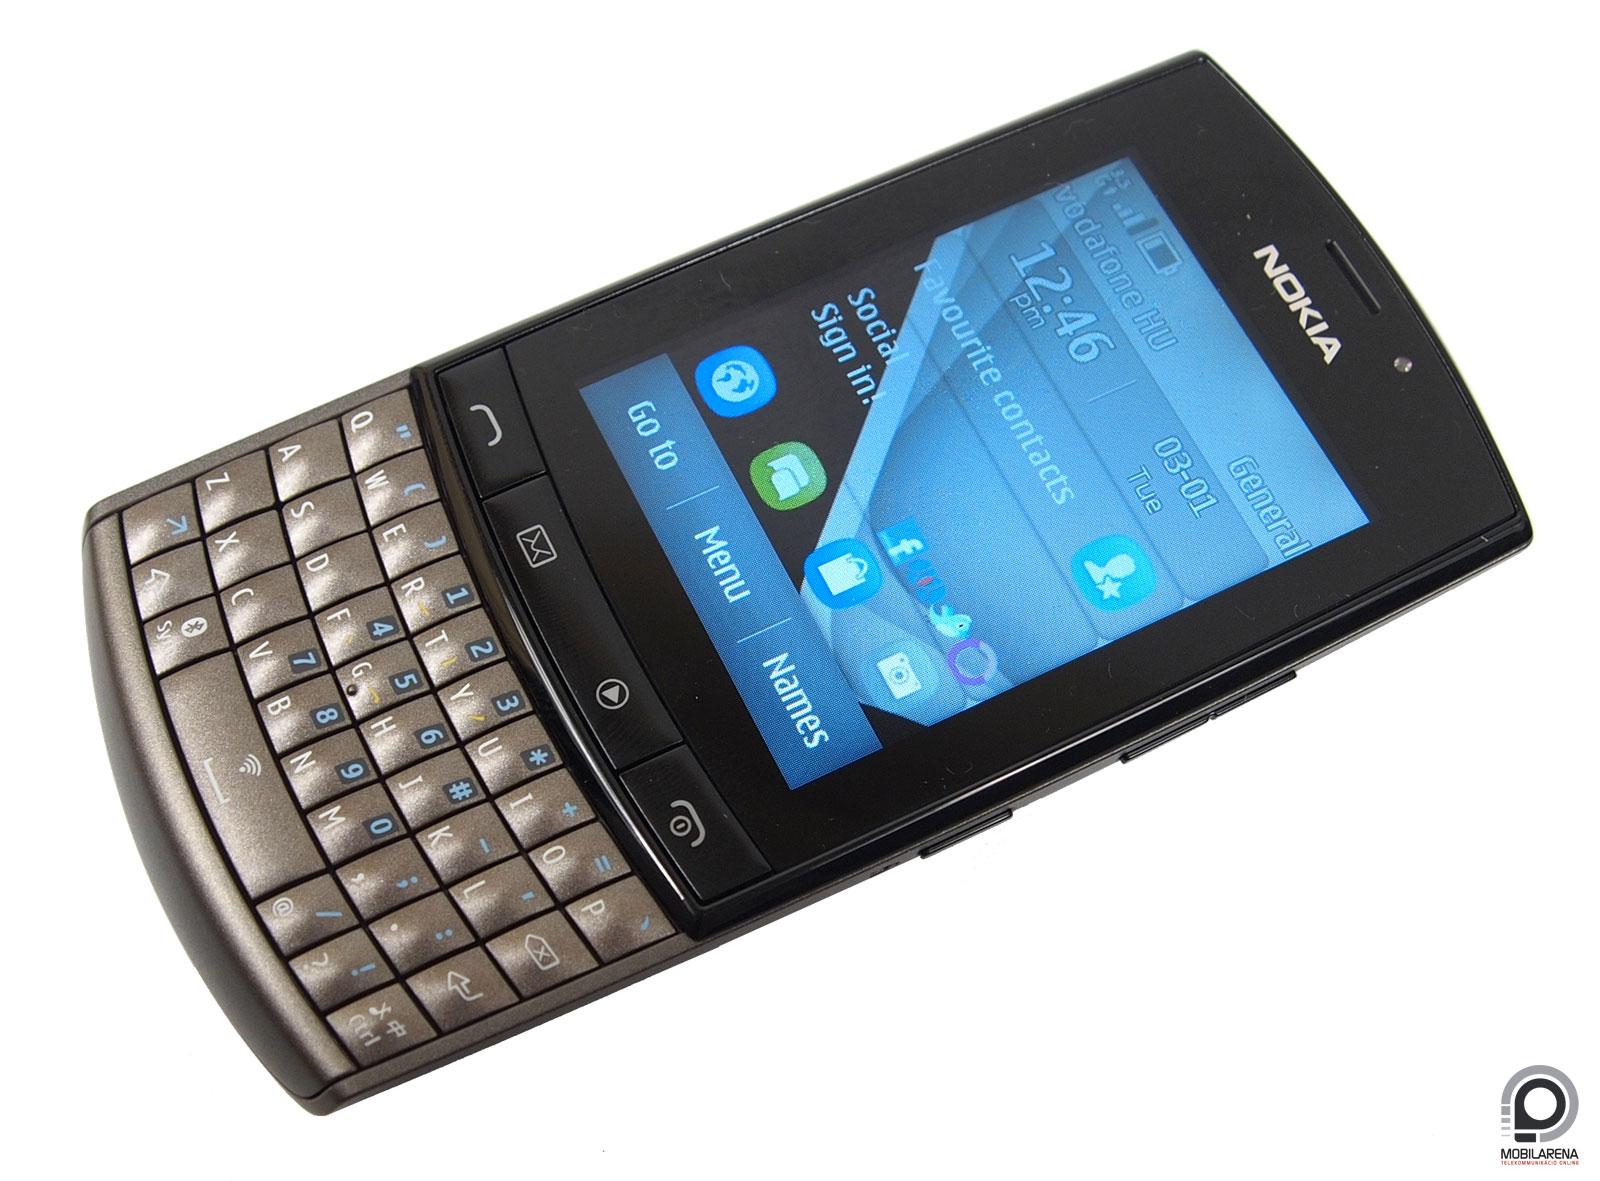 Nokia Asha 303 - oprendszer nélküli maximum